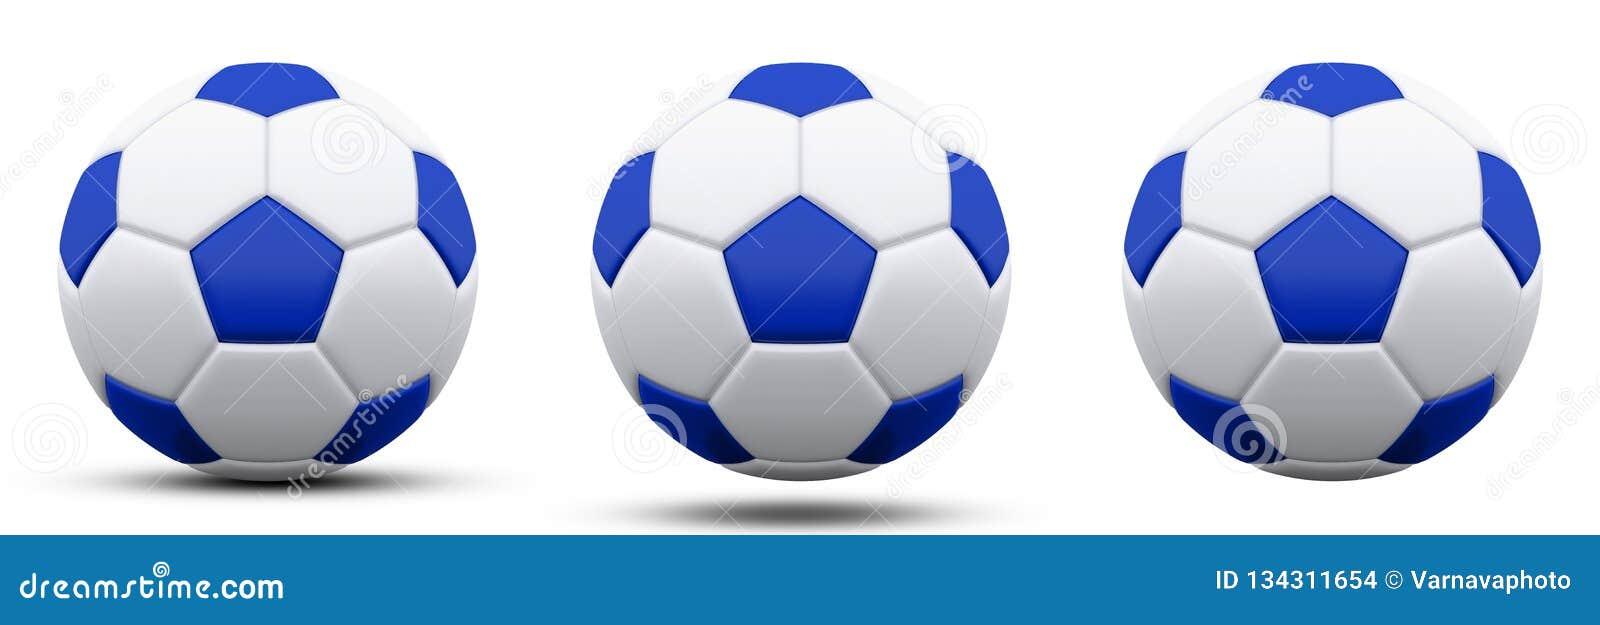 Blauwe en witte voetbalbal in drie versies, met en zonder schaduw Geïsoleerd op wit 3d geef terug